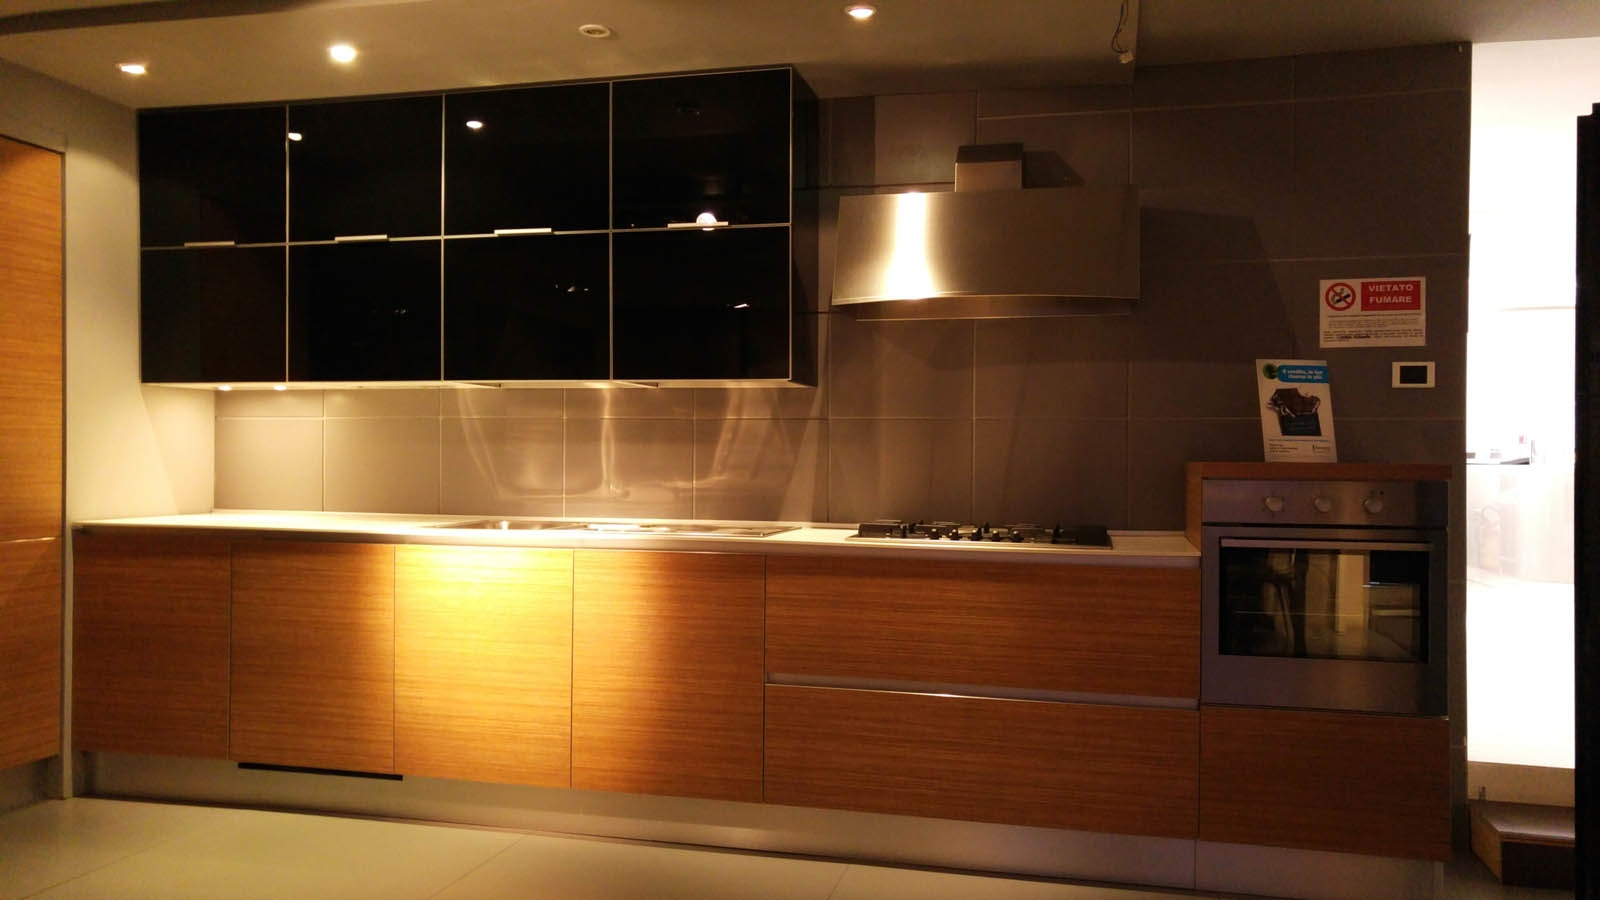 Cucina cesar design in vetro nero e teak cucine a prezzi scontati - Alzatina cucina acciaio ...